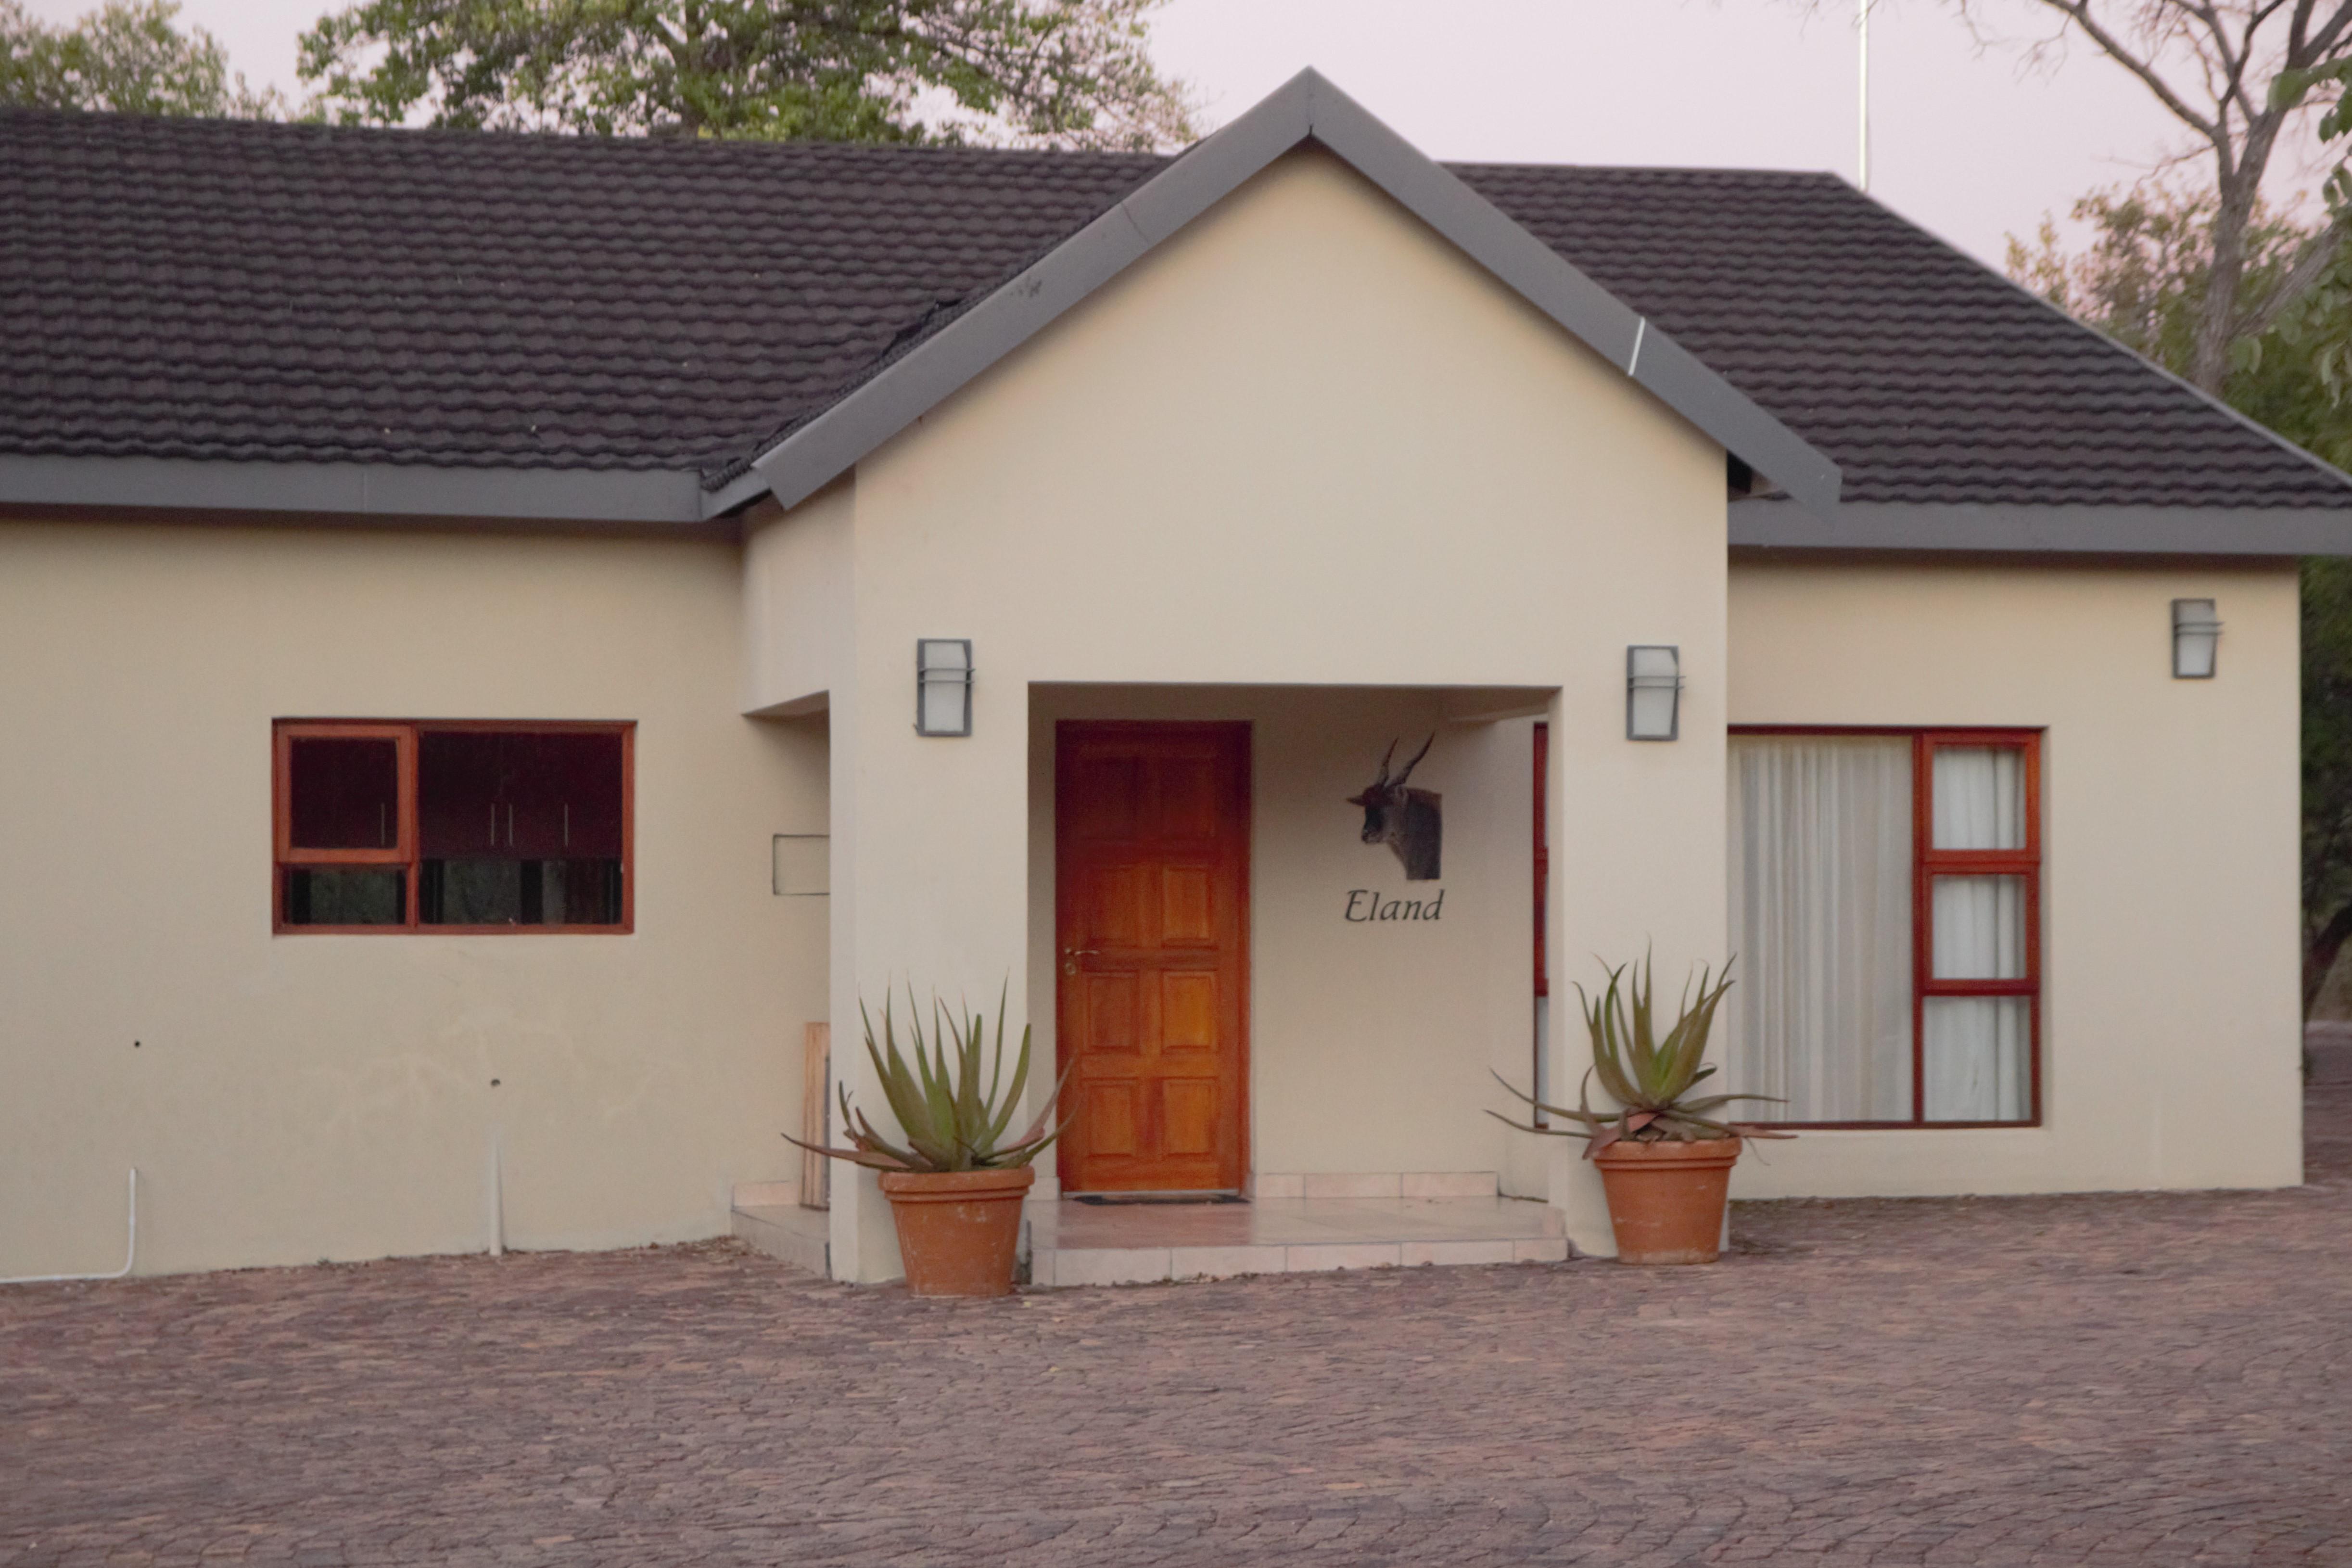 Eland bungaloo Tsala Safaris 2021.jpg